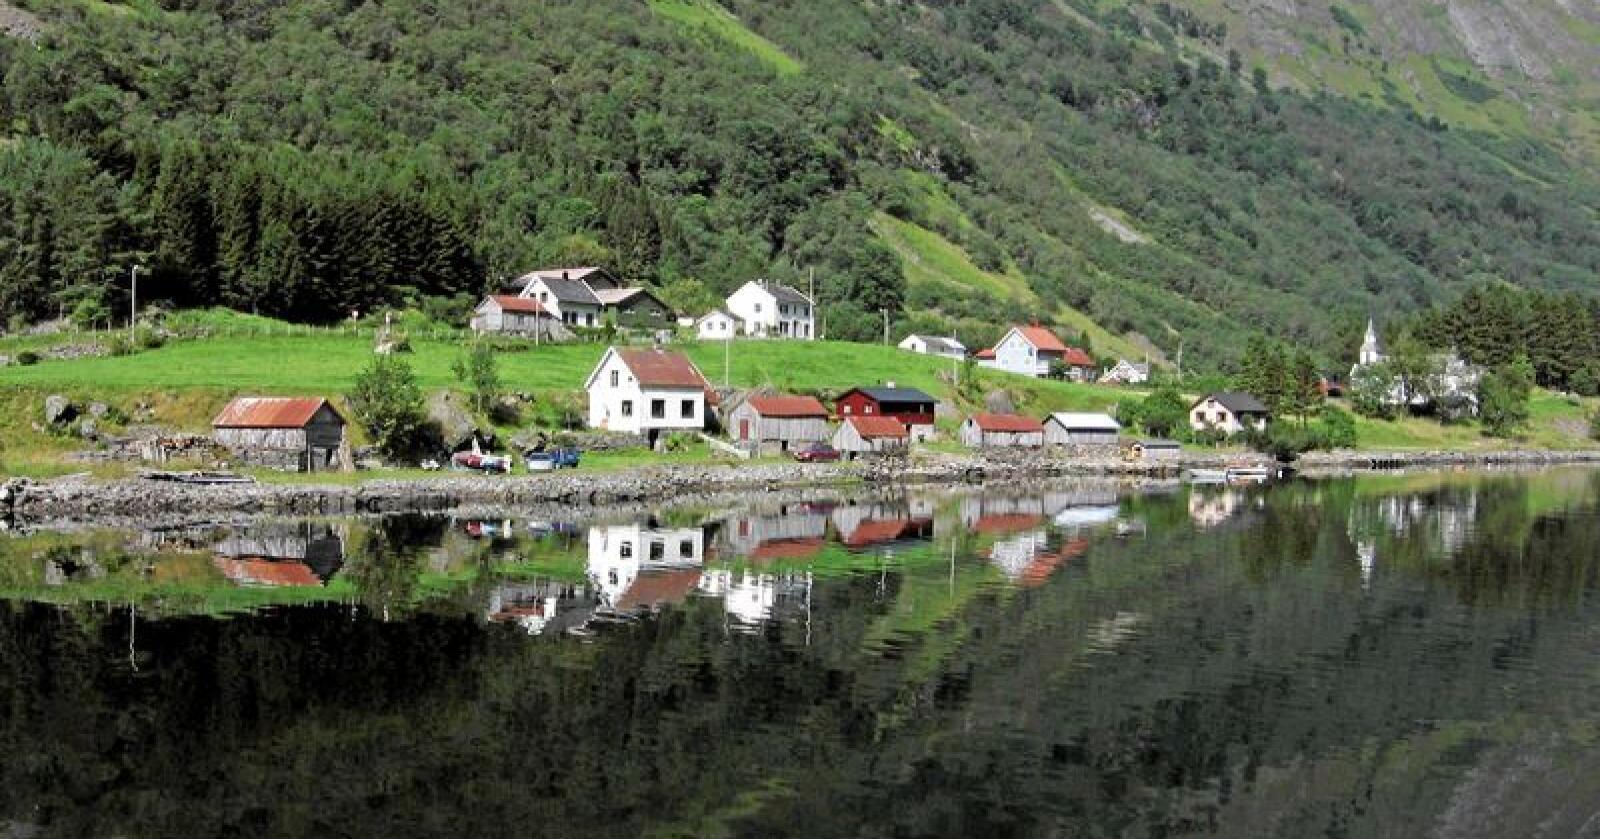 Lokalsamfunn: Det bor folk i hundrevis av lokalsamfunn over hele landet. Foto: Wikimedia Commons/NTB scanpix